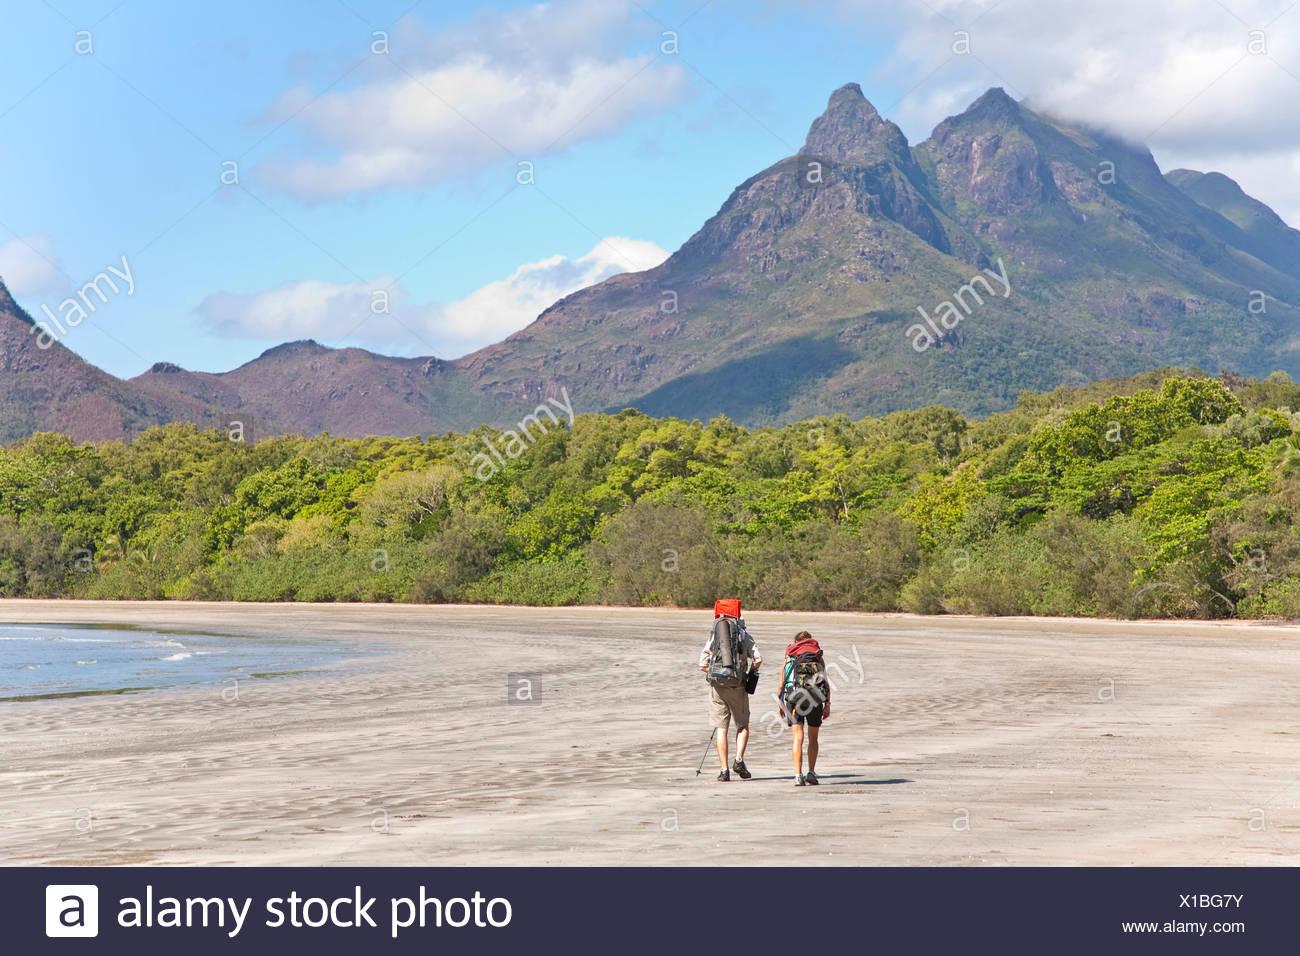 Un homme et une femme avec leur bébé en randonnée sur l'île de Hinchinbrook, Zoe Bay, Queensland, Australie. Photo Stock